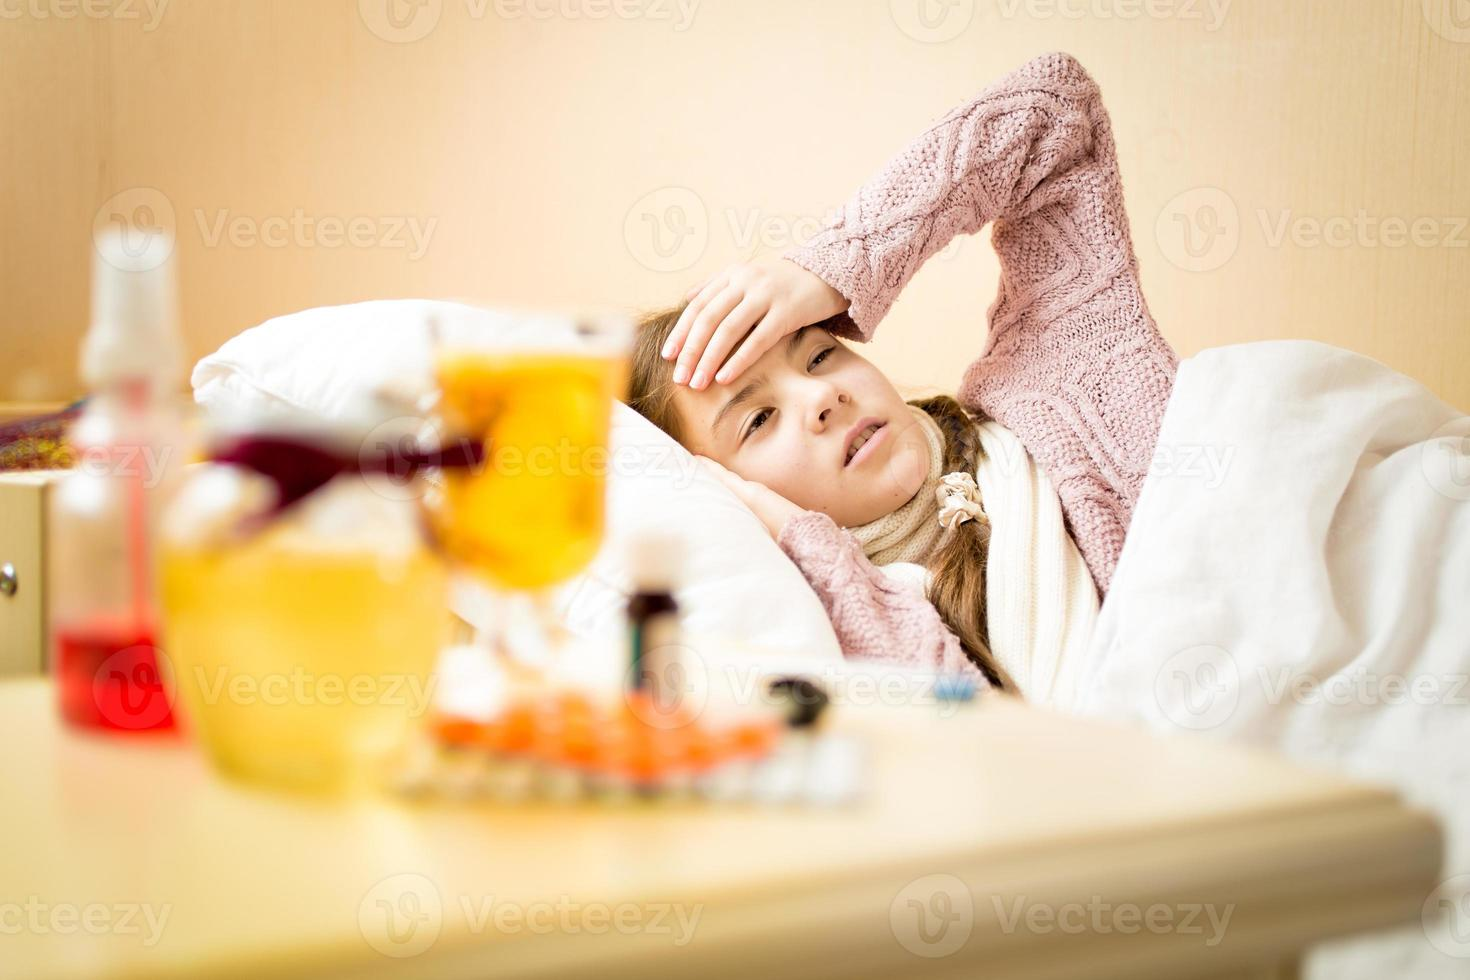 ziek meisje met hoge temperatuur liggend in de slaapkamer foto